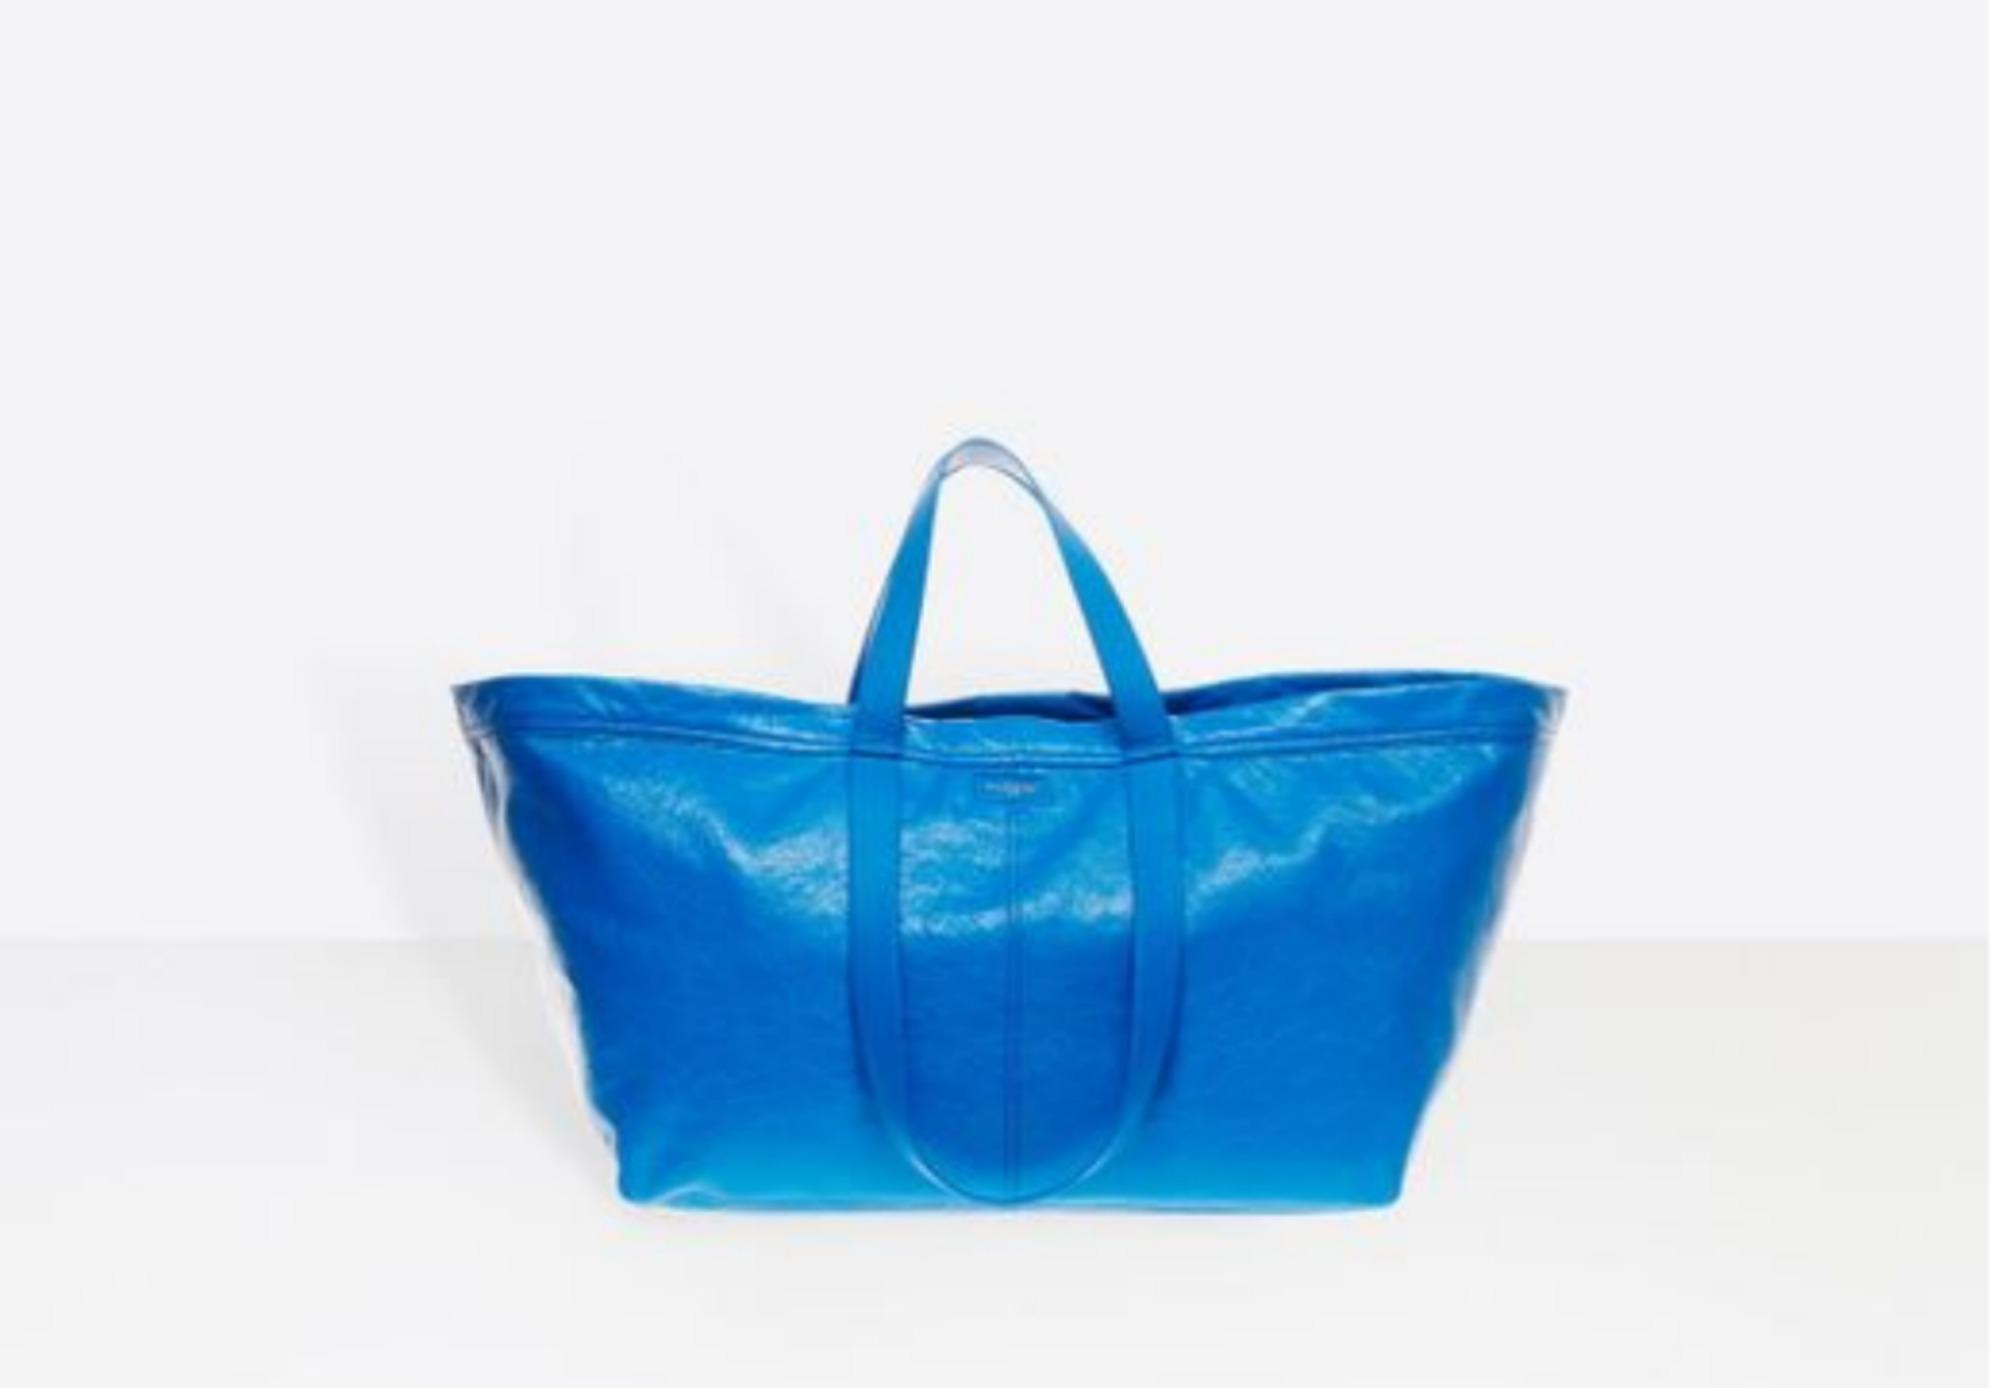 Balenciaga copia ikea ma la nuova borsa costa 1700 euro diredonna - Acquisto on line ikea ...